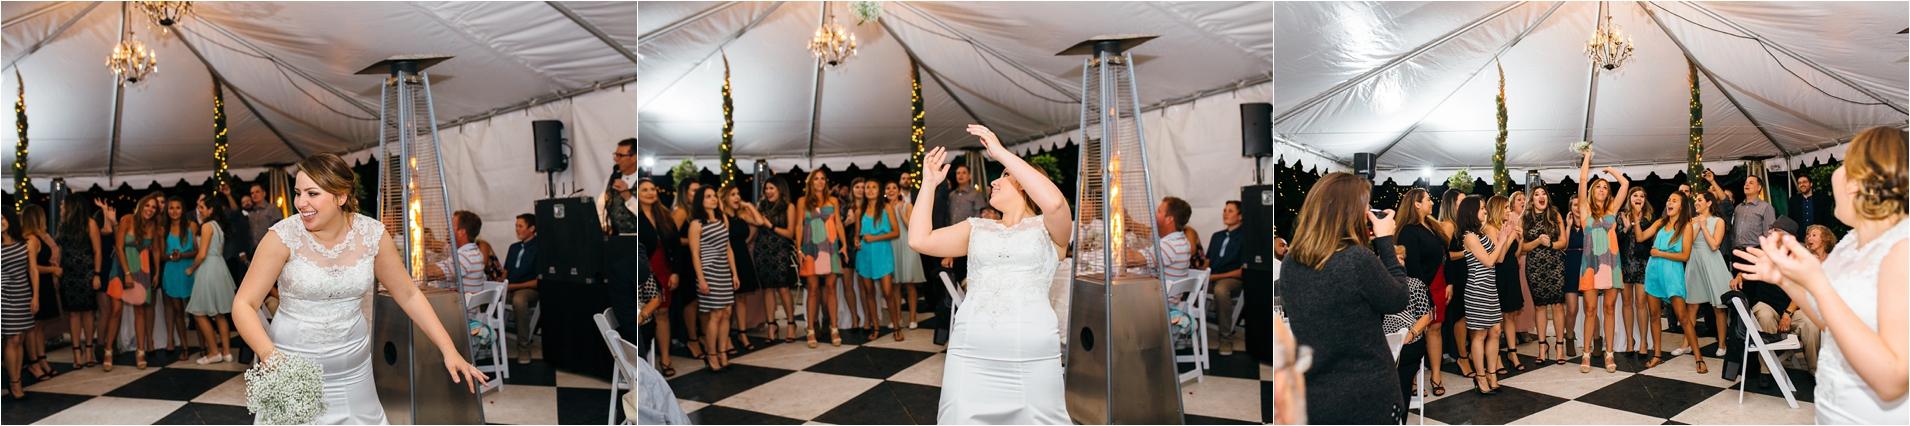 christmas-house-rancho-cucamonga-wedding_0740.jpg